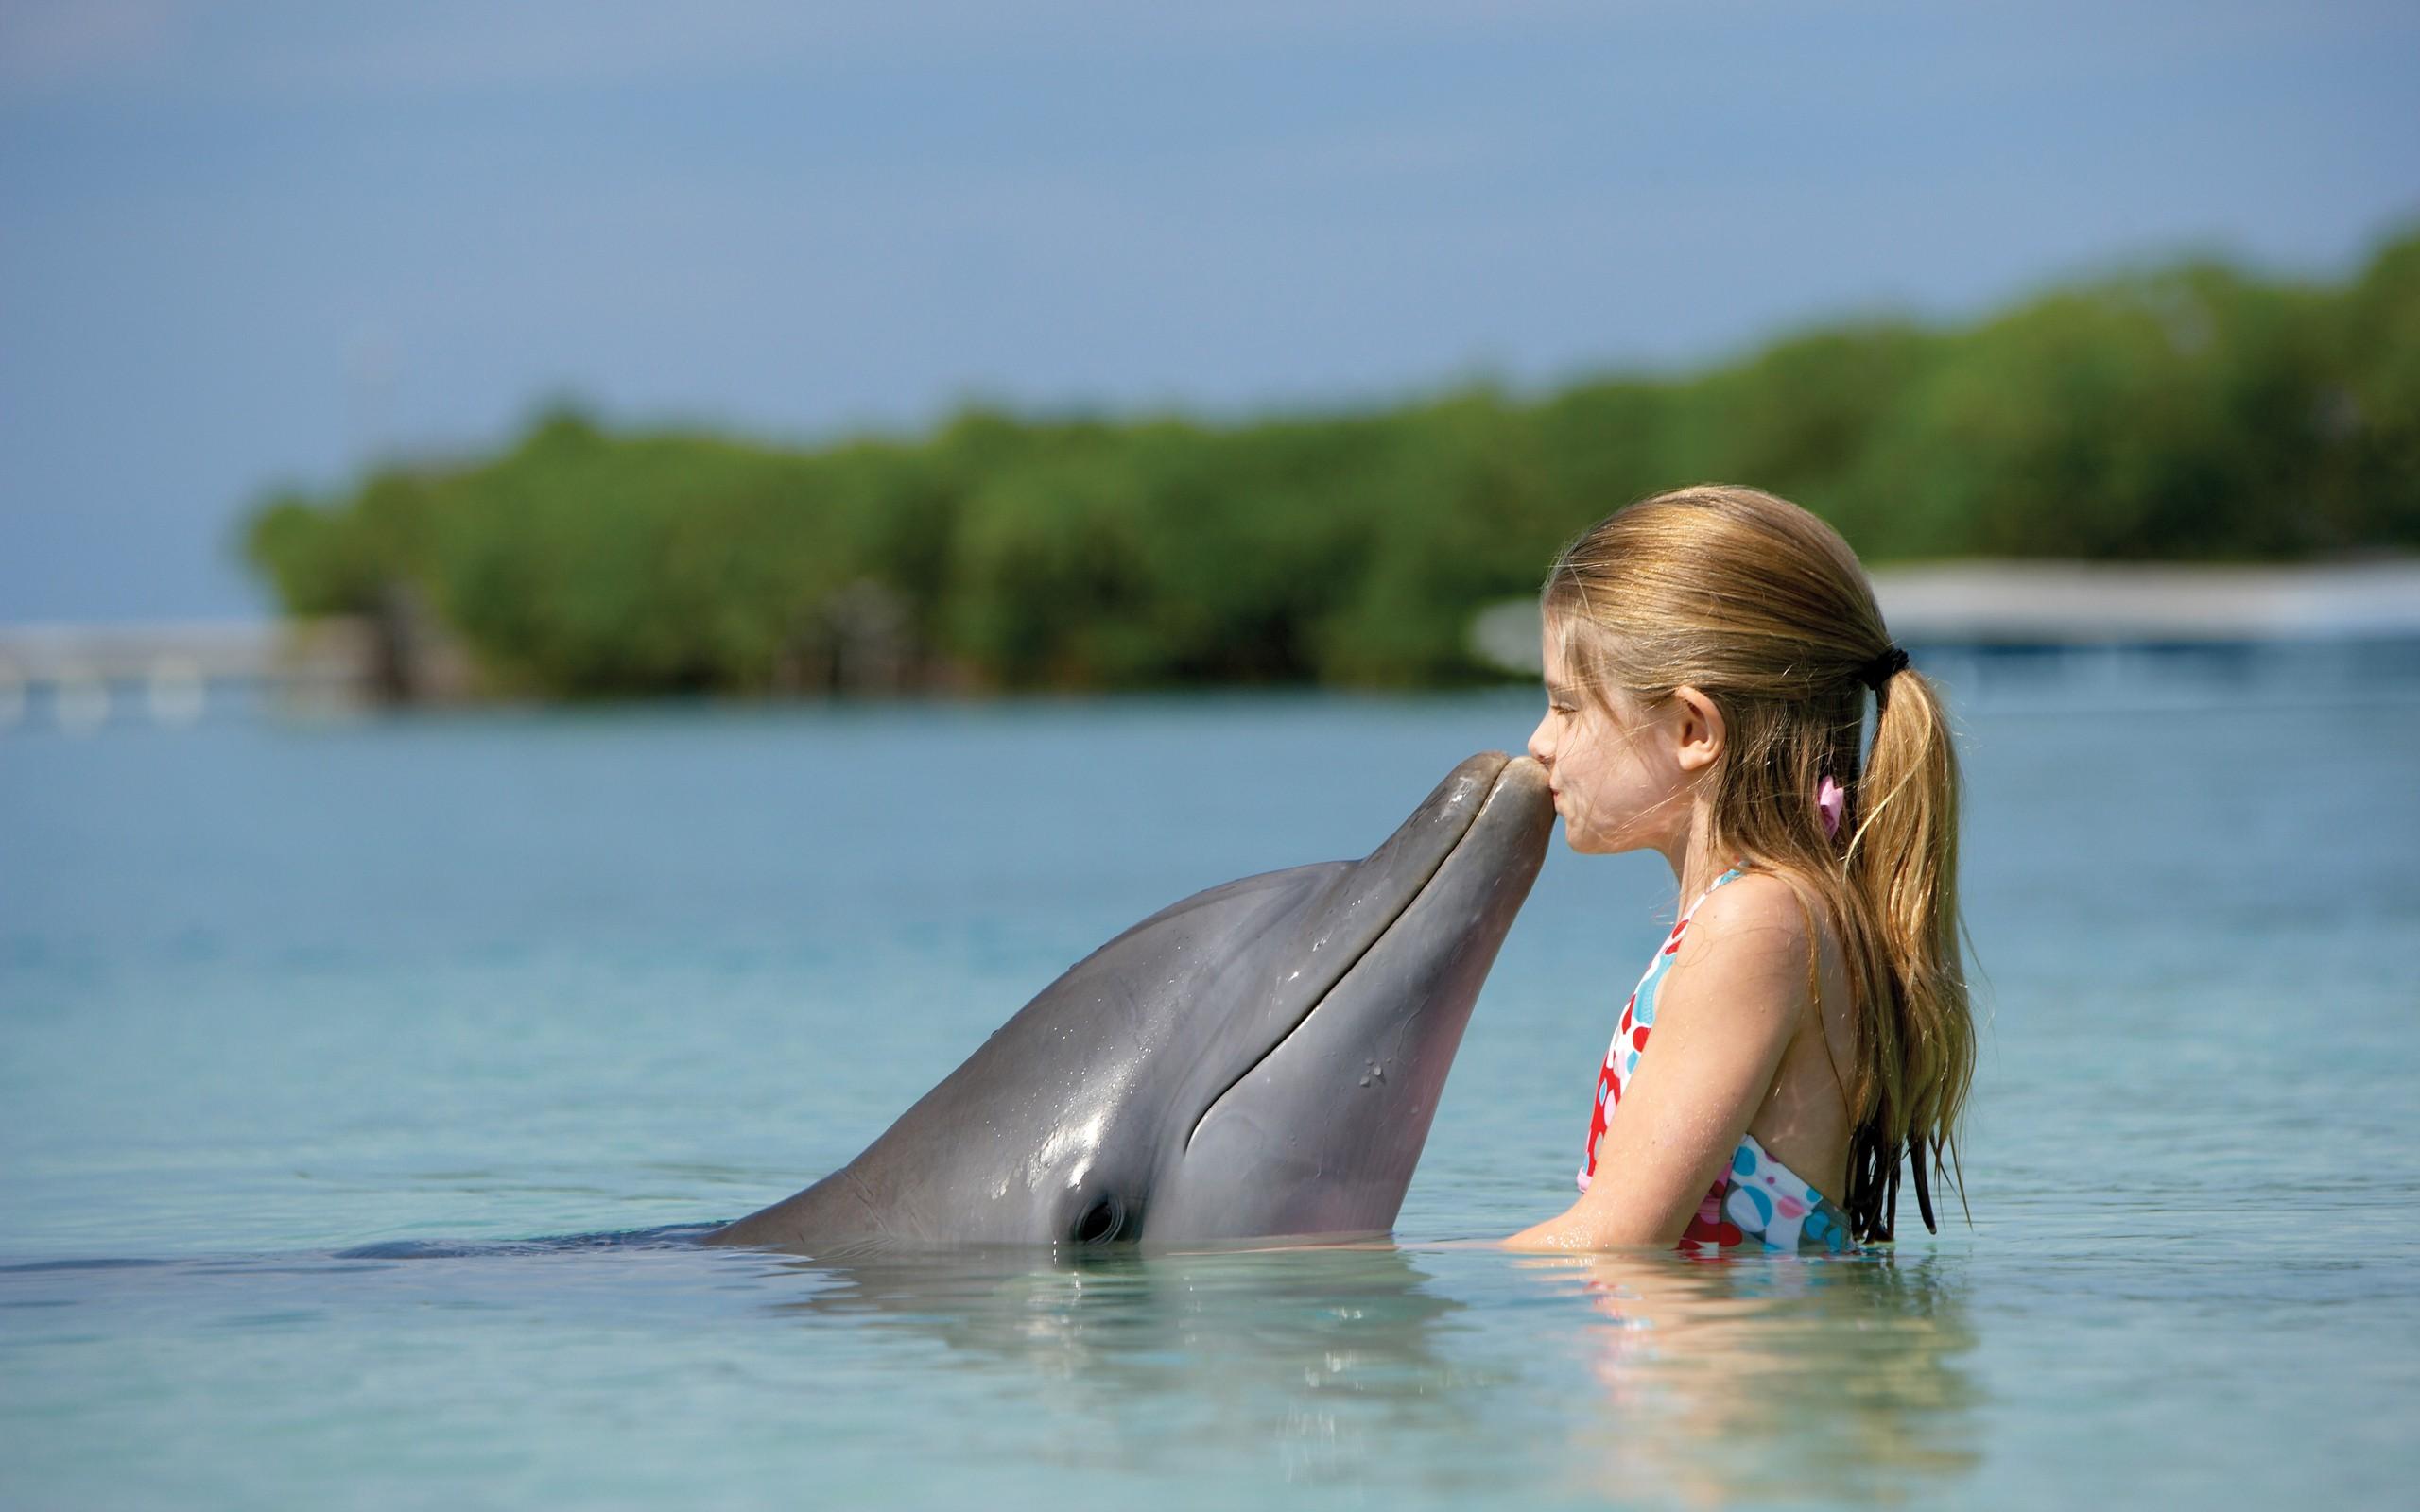 Un beso al delfín - 2560x1600